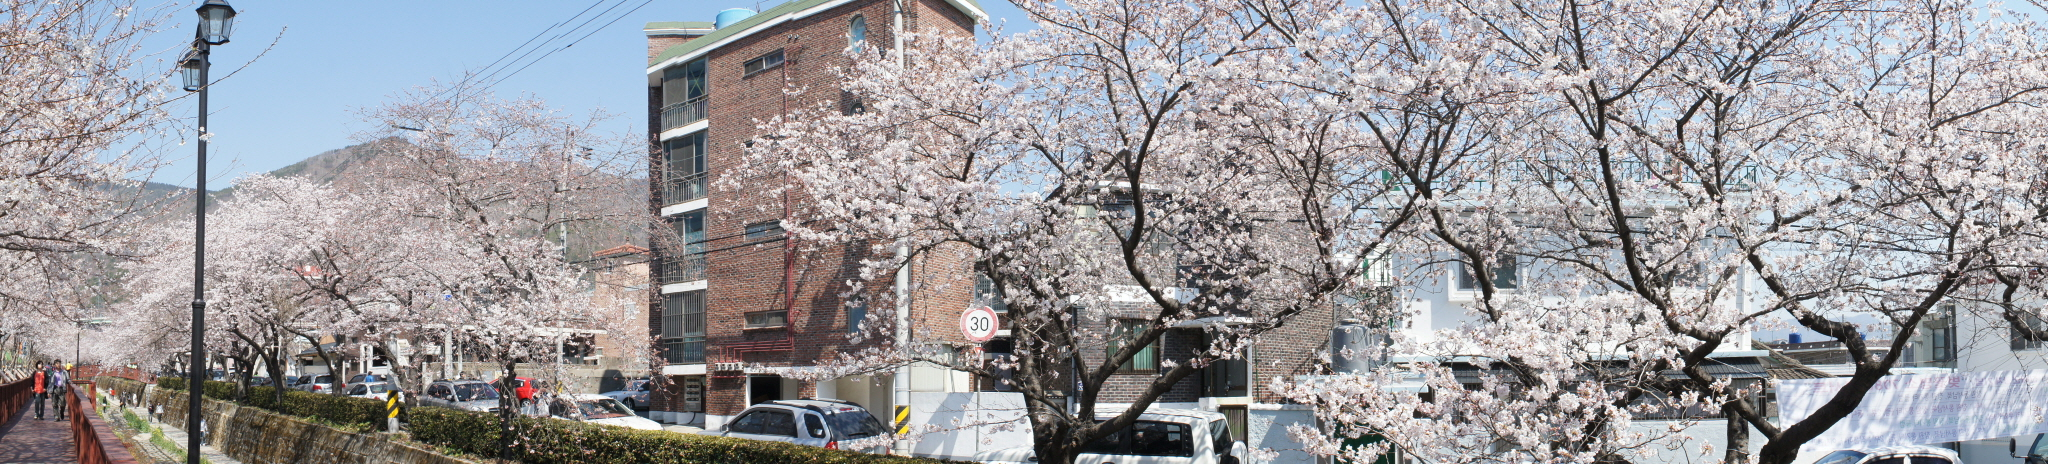 진해 벚꽃놀이 - 여좌천 로망스다리